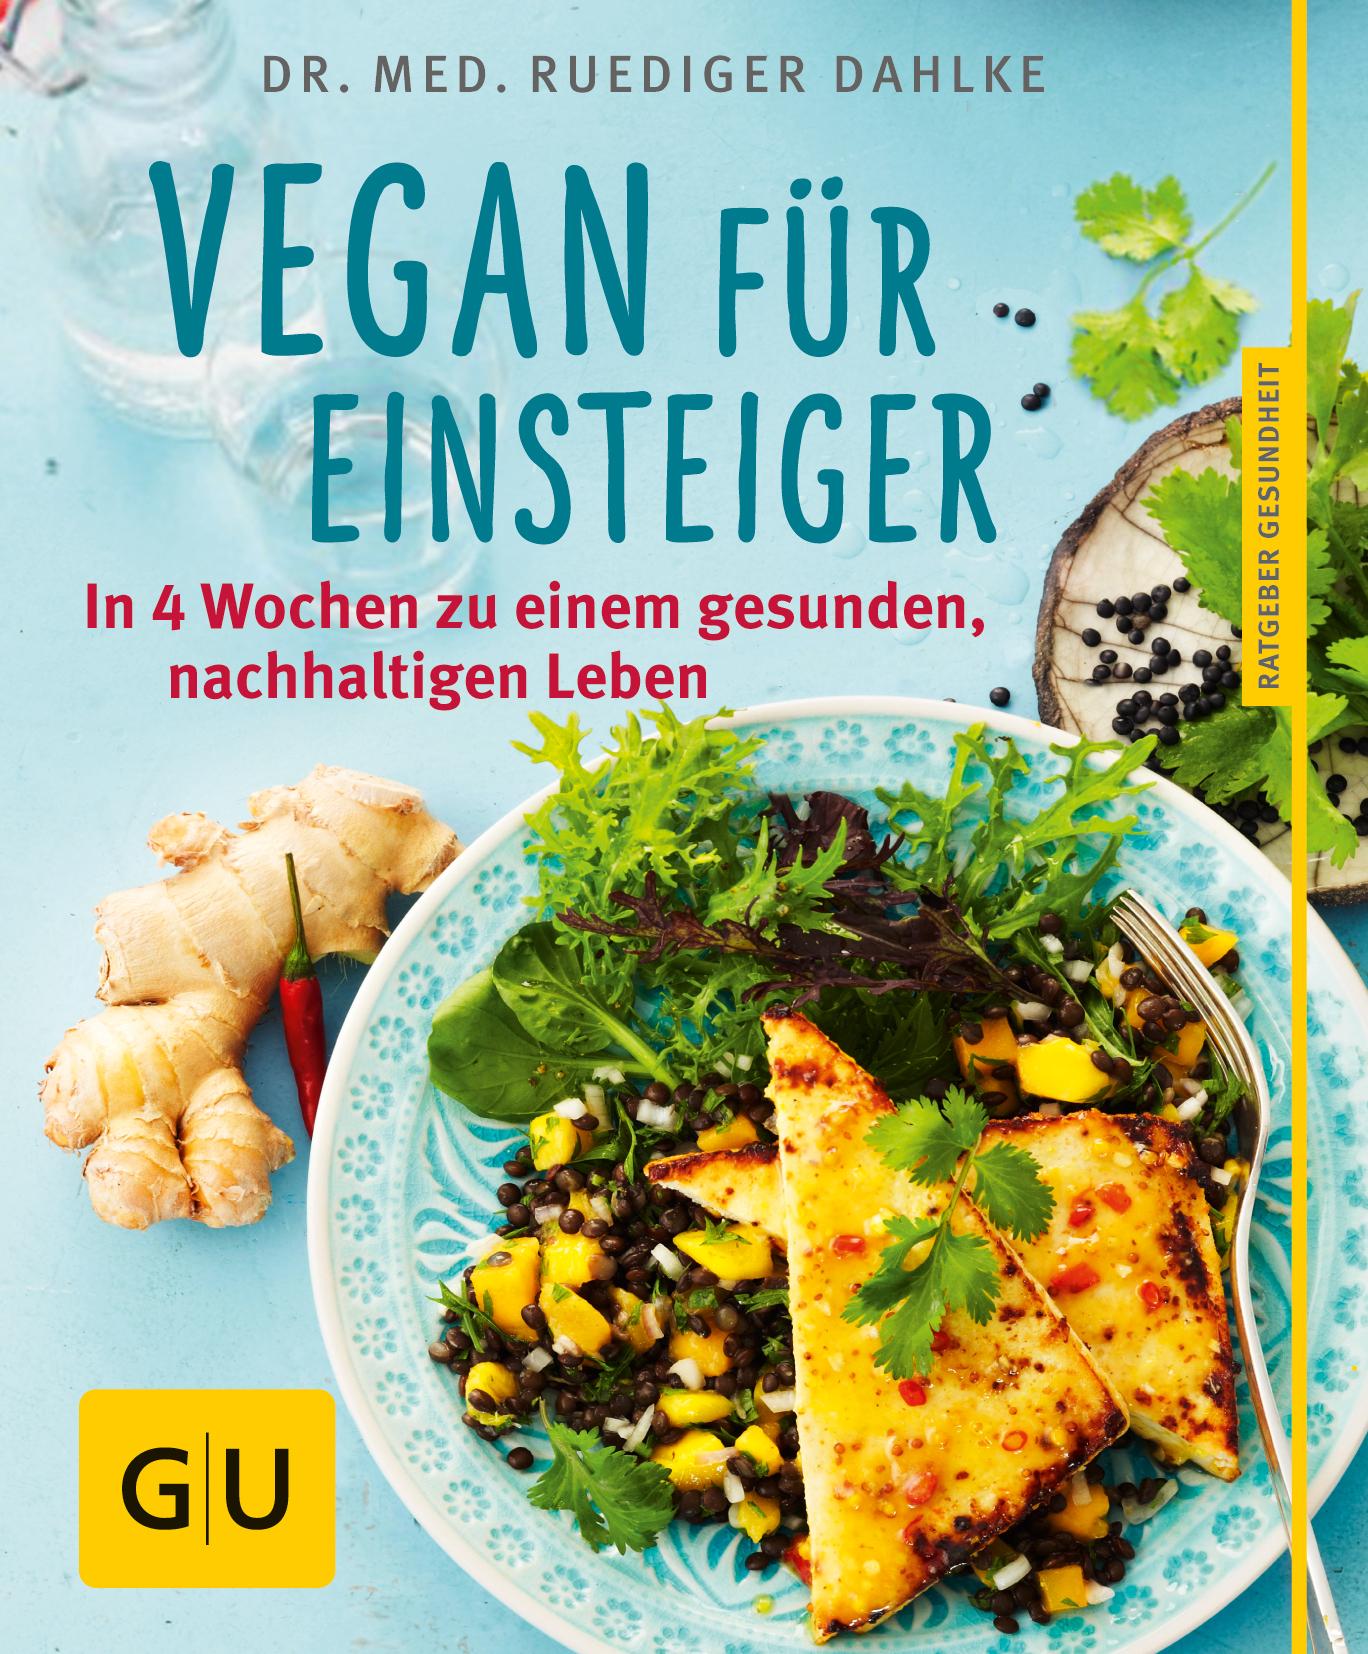 Vegan für Einsteiger - In 4 Wochen zu einem gesunden, nachhaltigen Leben - Ruediger Dahlke